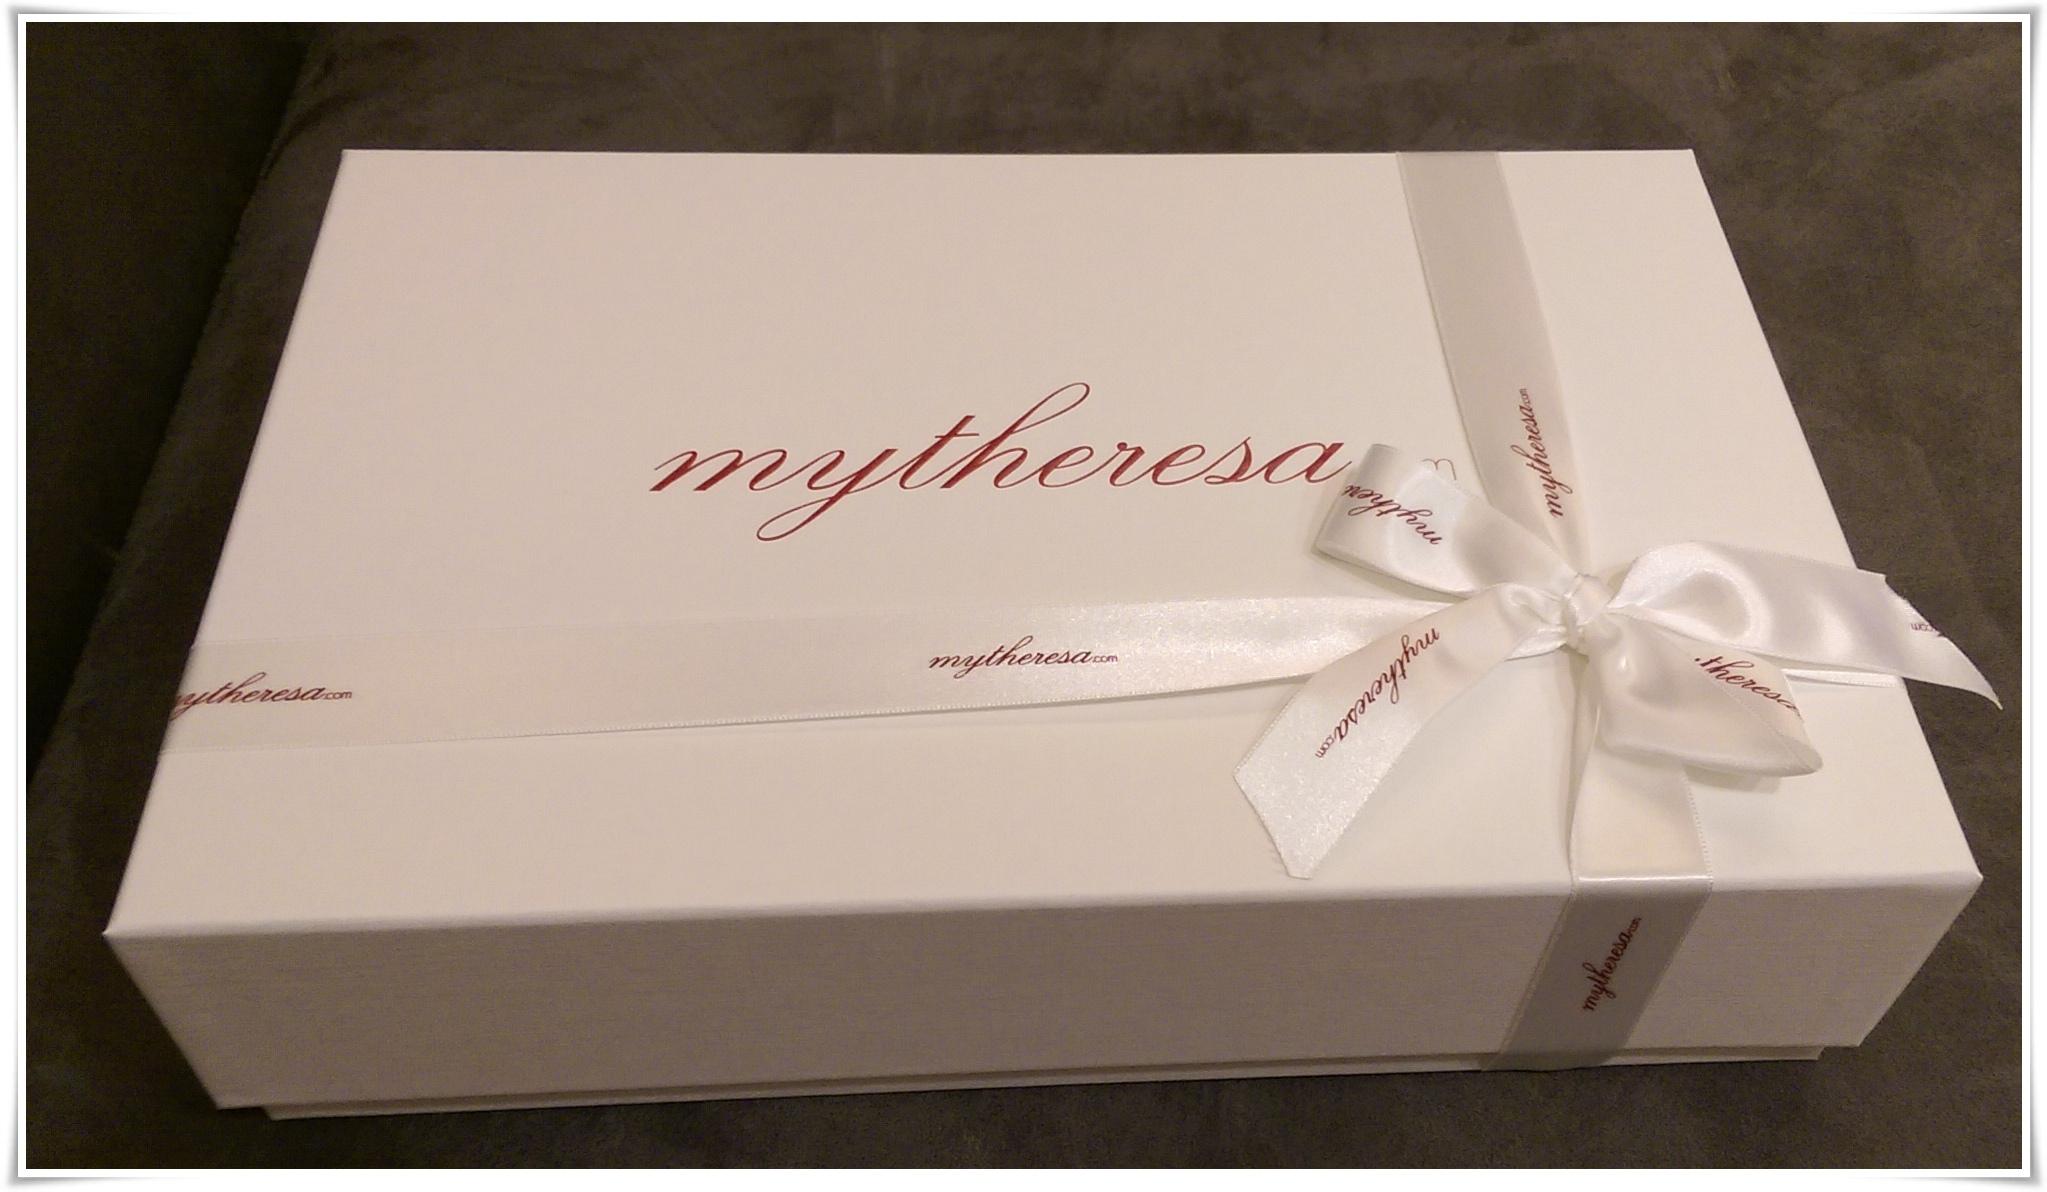 開心地收到mytheresa的禮物盒